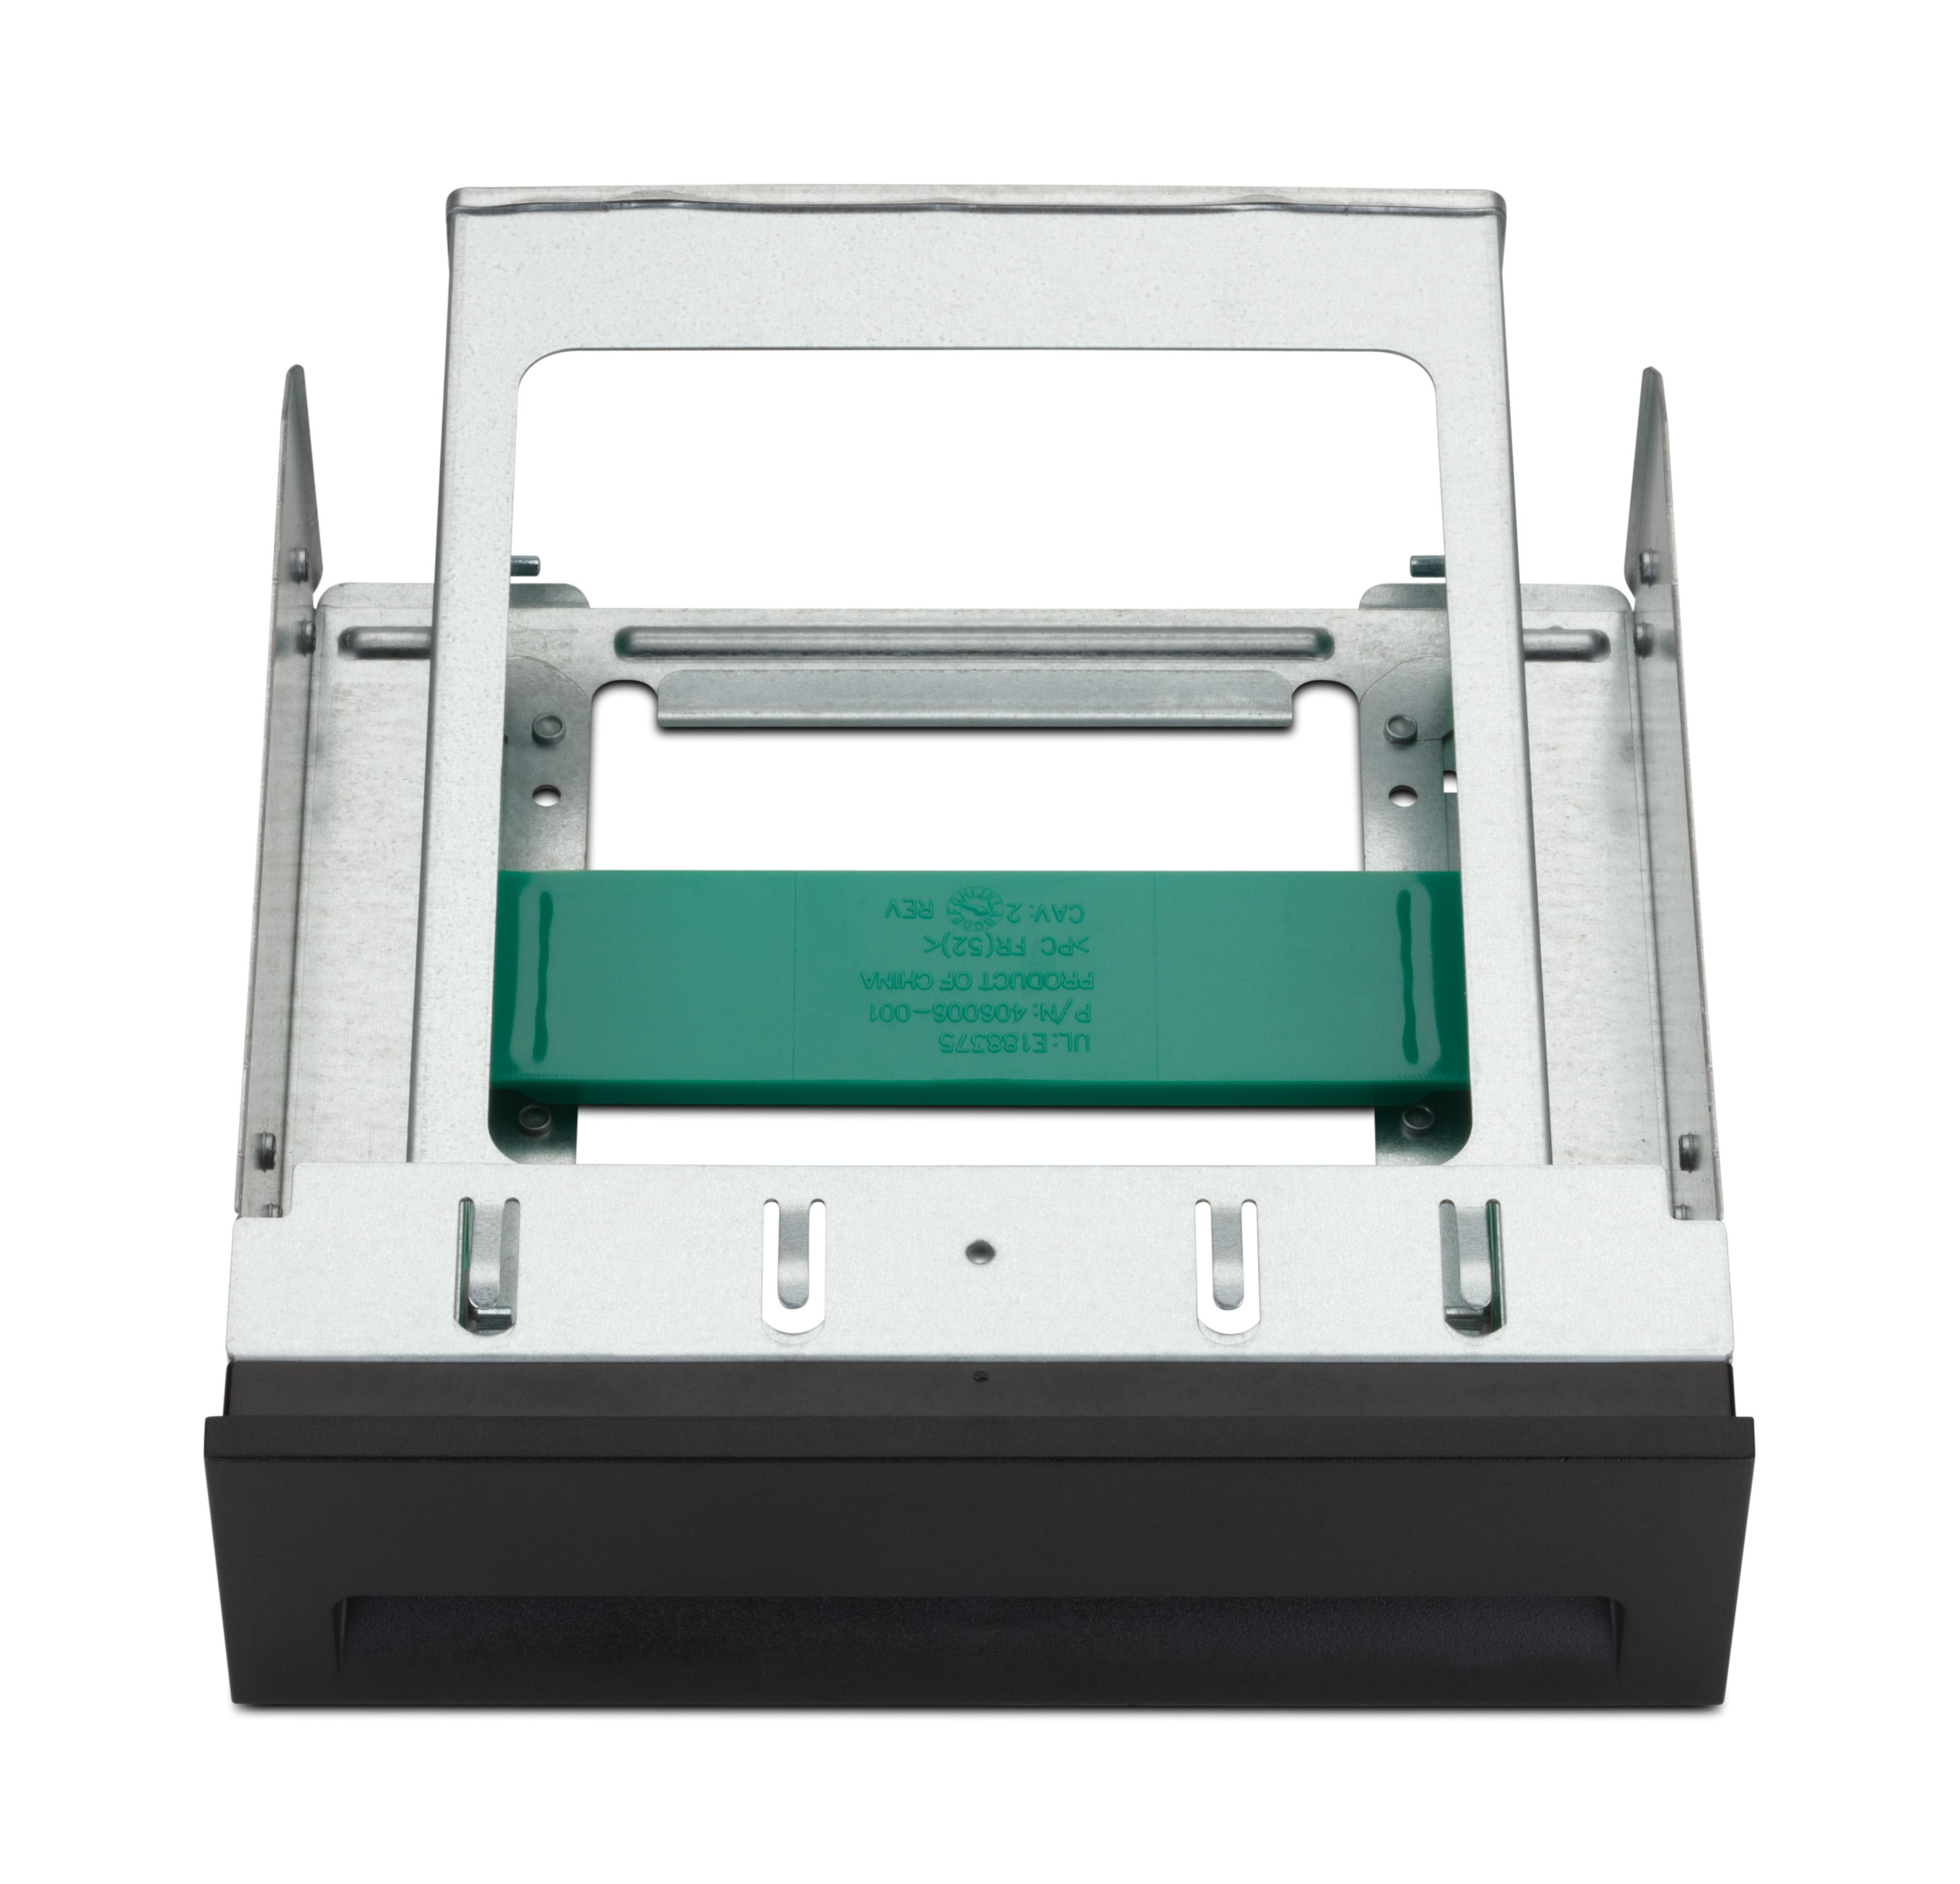 HP HDD rámeček 5,25' pro HP pracovní stanice Zxxx